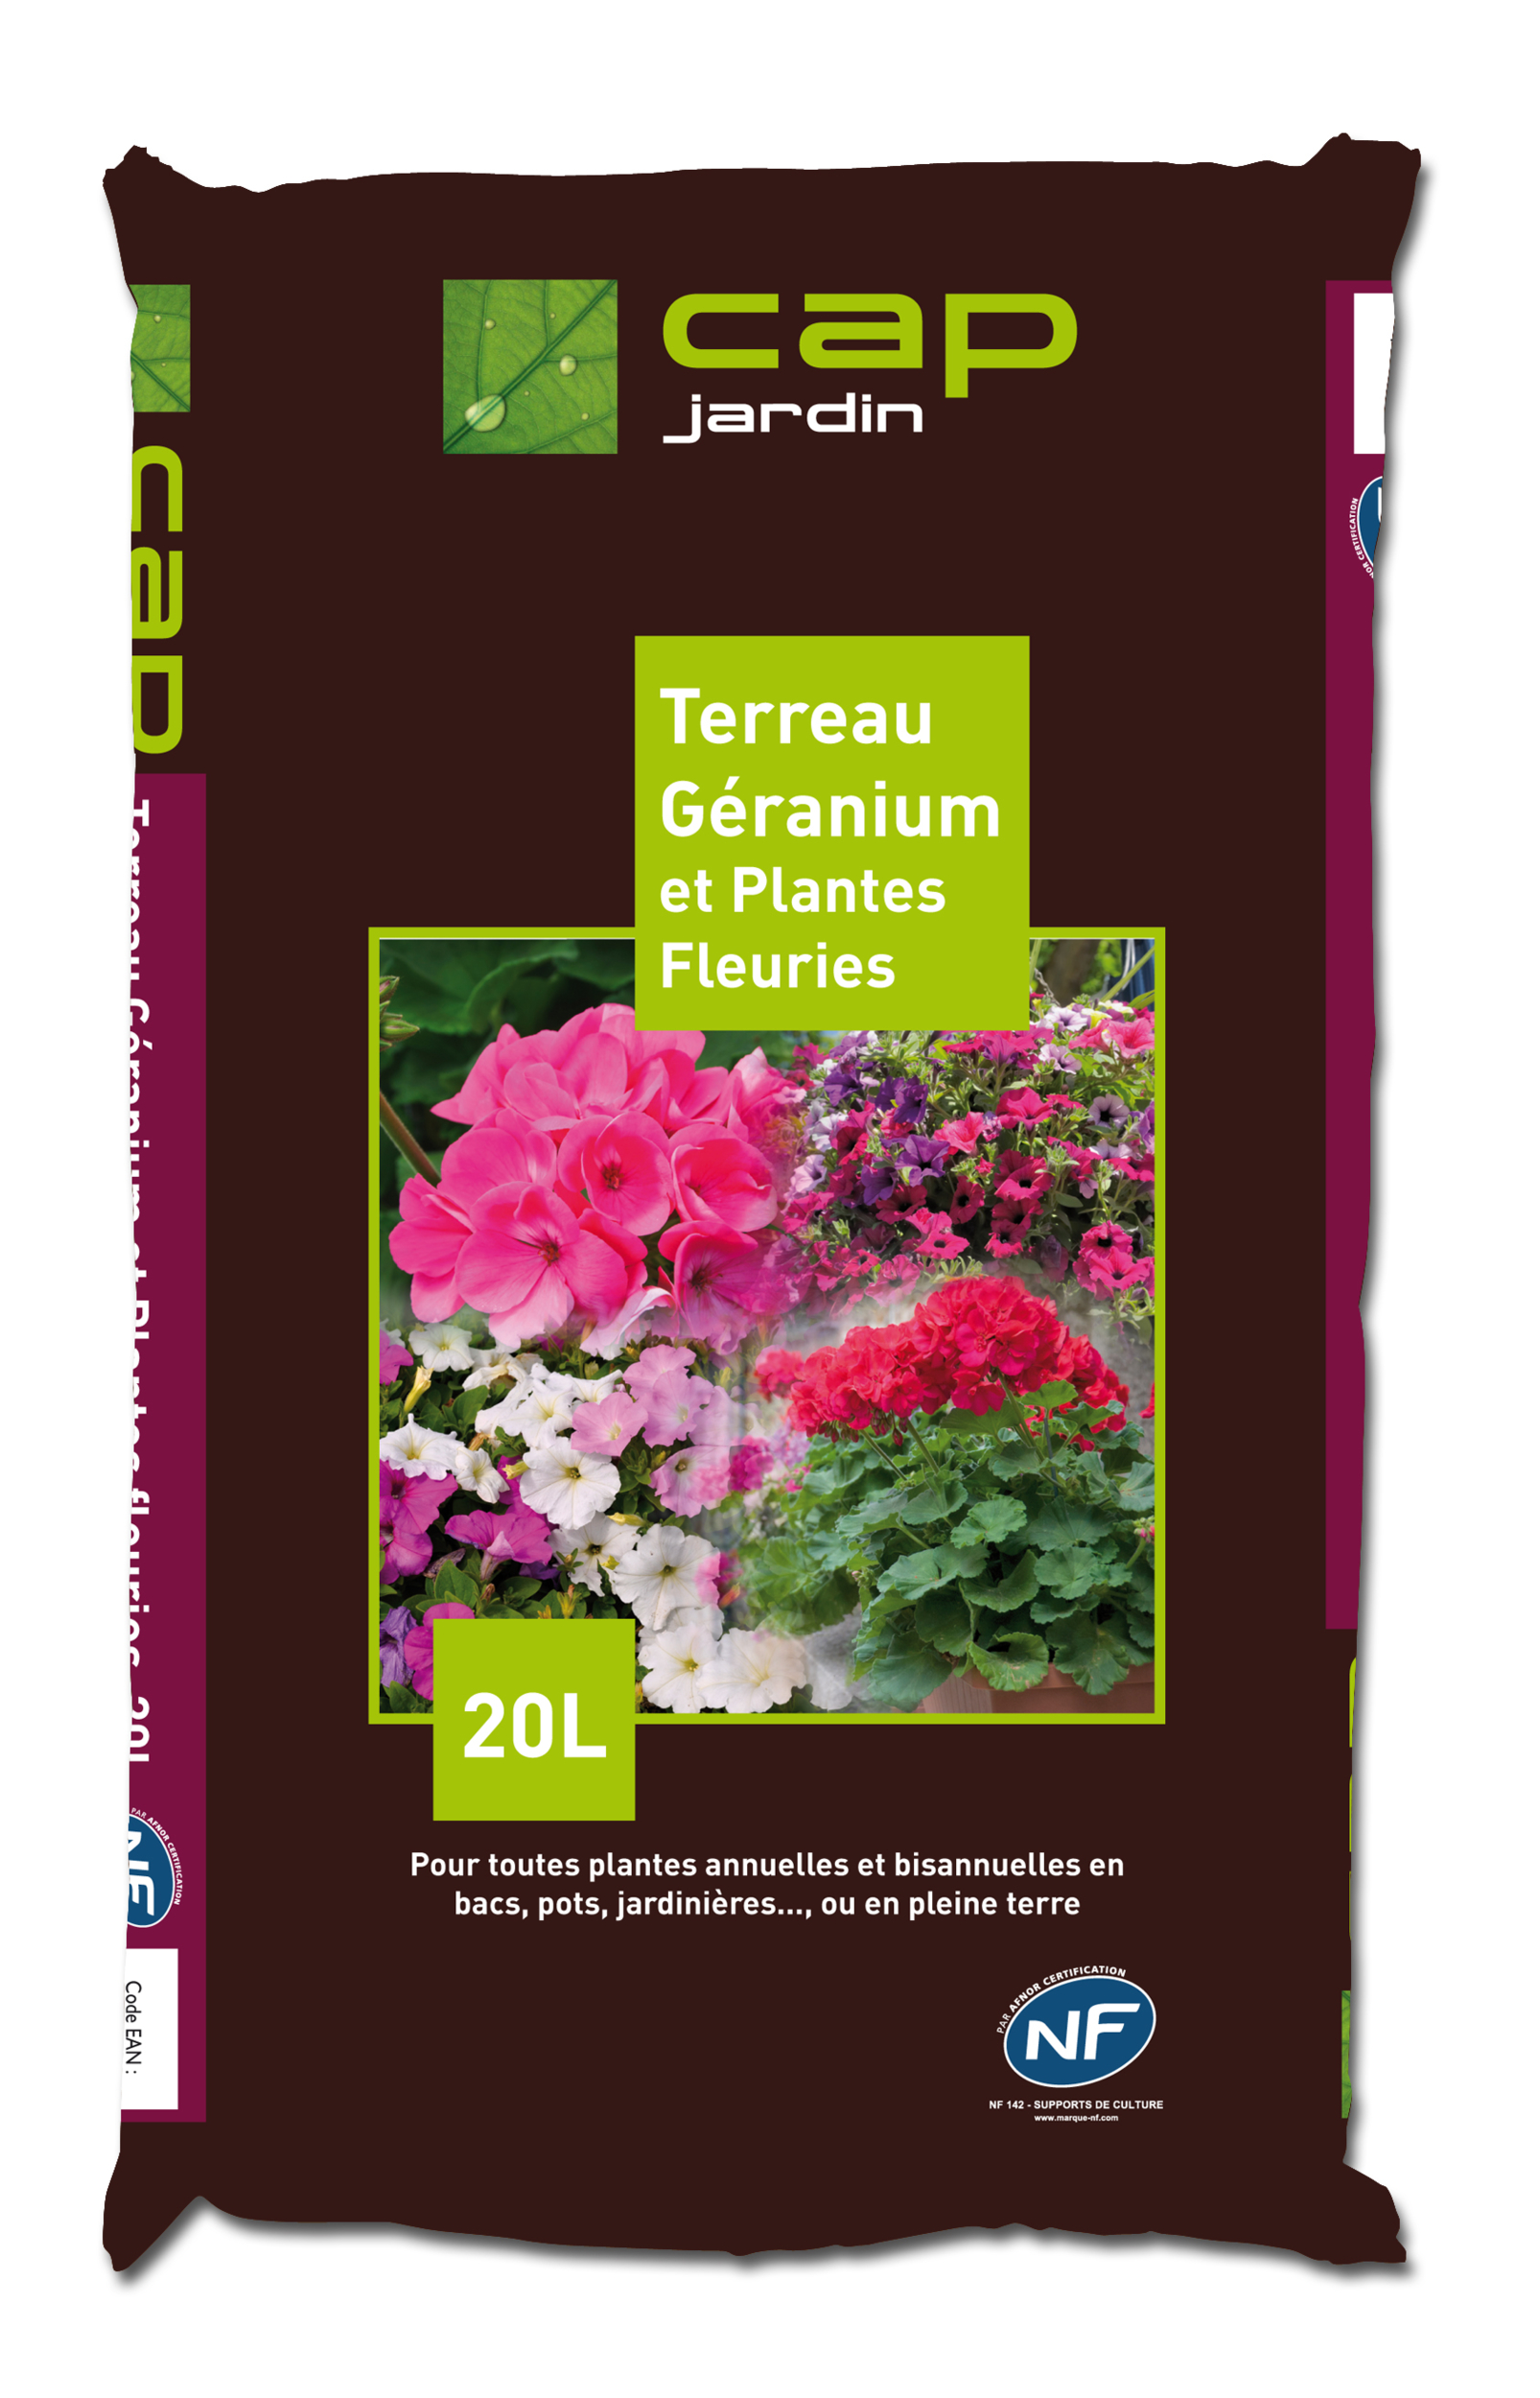 Terreau Géraniums et Plantes Fleuries NF